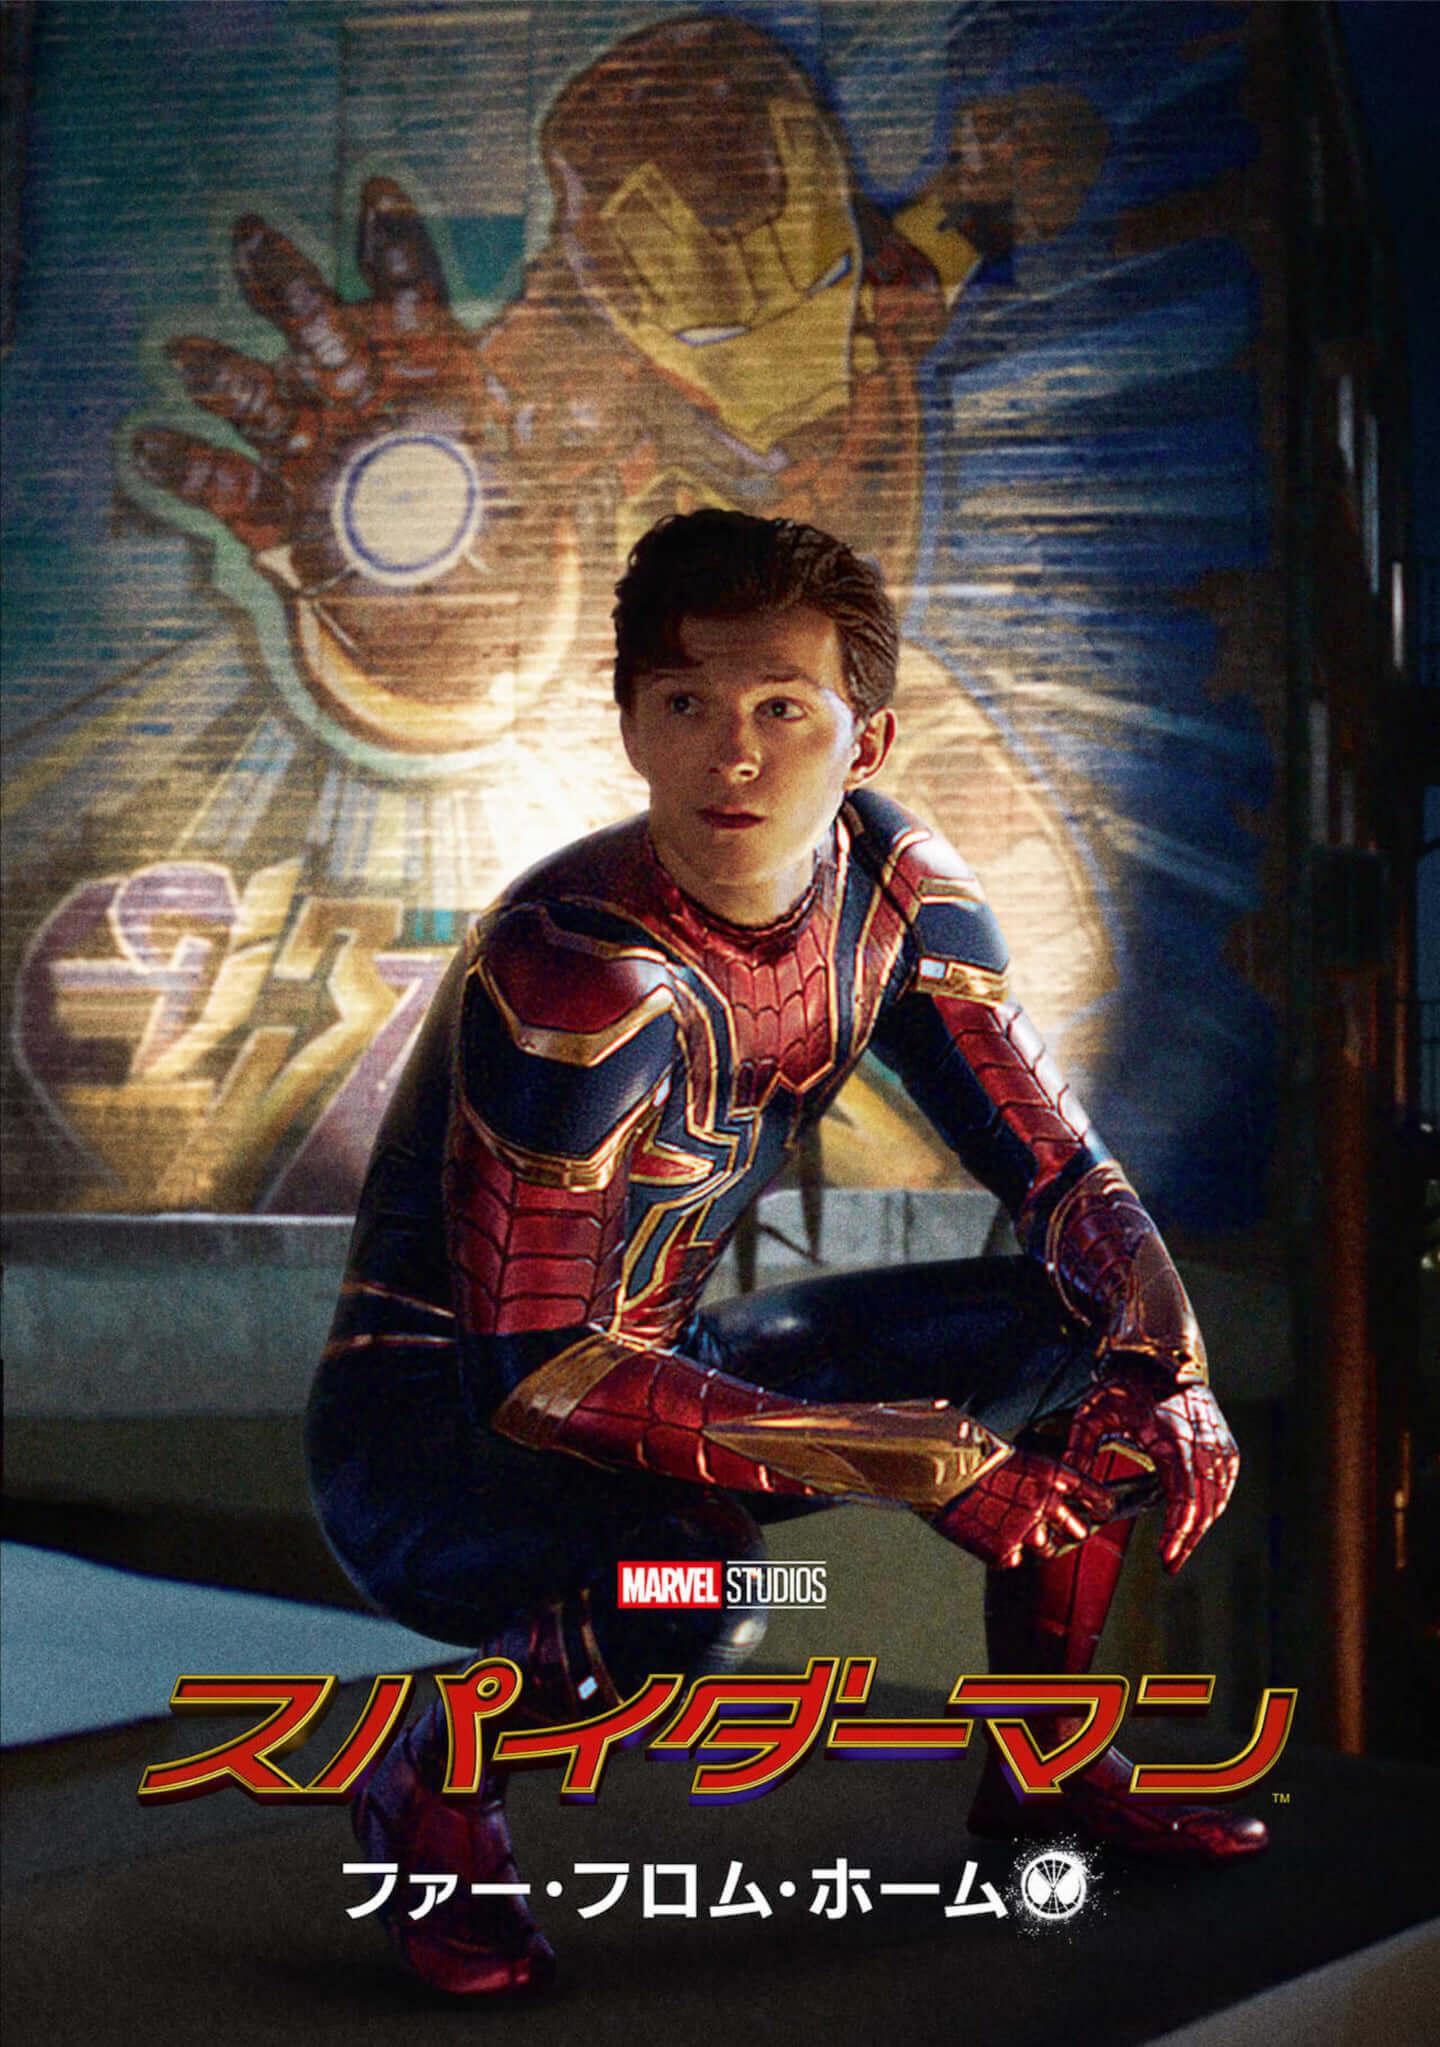 『スパイダーマン:ファー・フロム・ホーム』が公開から13日で早くも日本興収20億円突破! SMFFH_Ironmanvisual-1-1440x2047